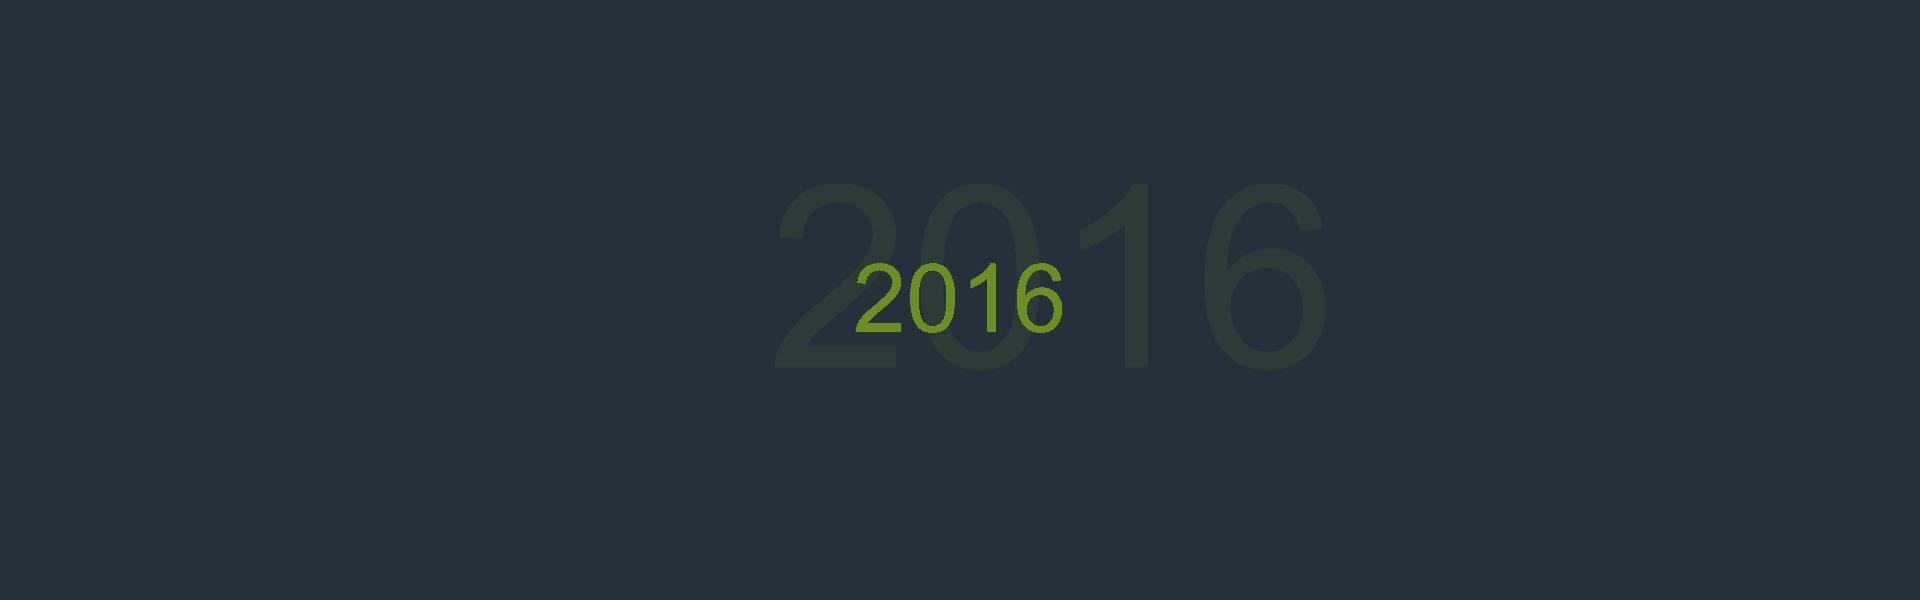 SEO-Konferenzen im Jahr 2016